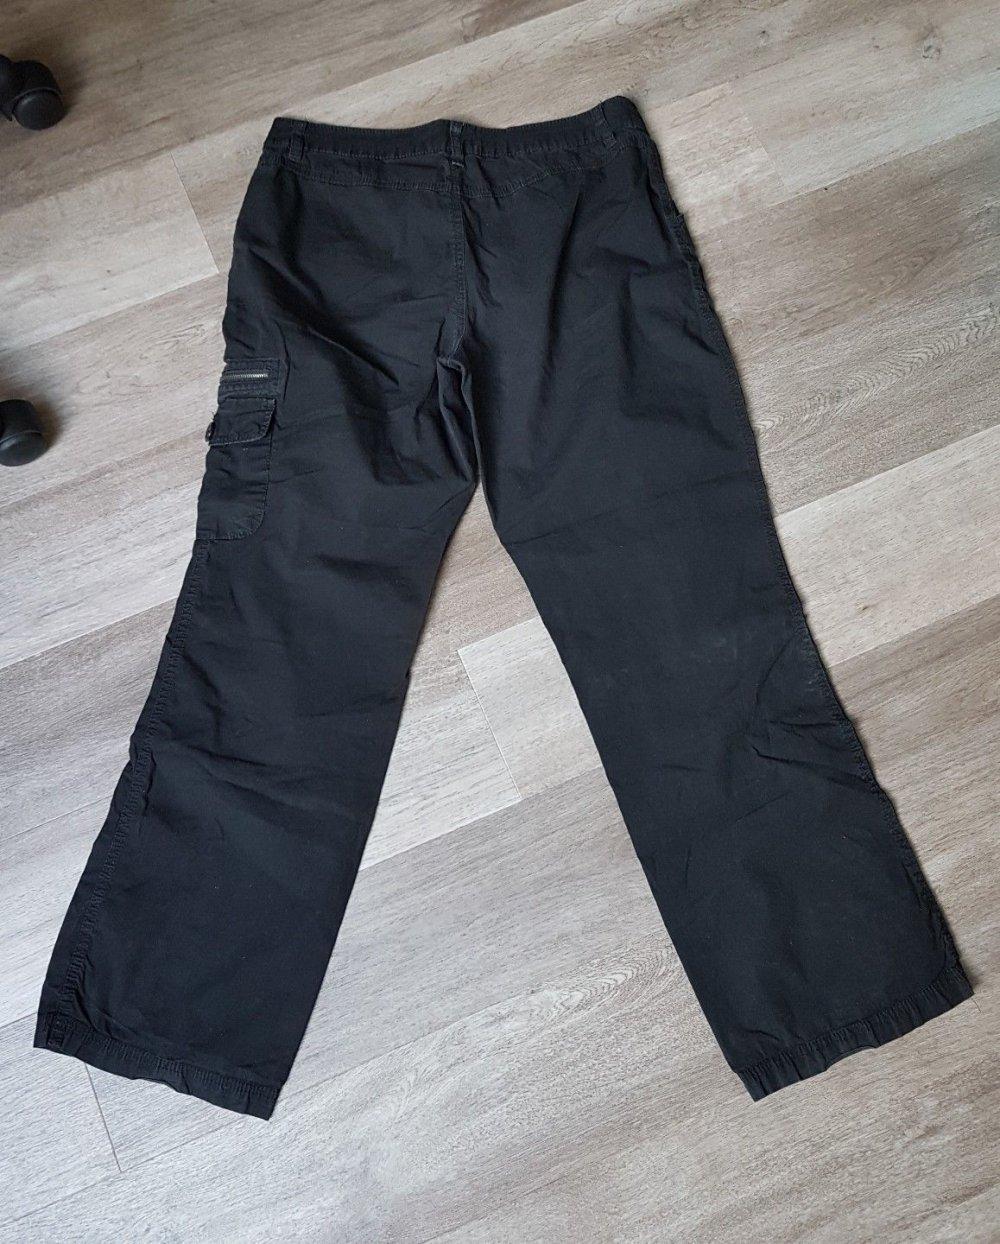 Lässige Damenhose Gr. 38 (sheego) Cargo Style schwarz